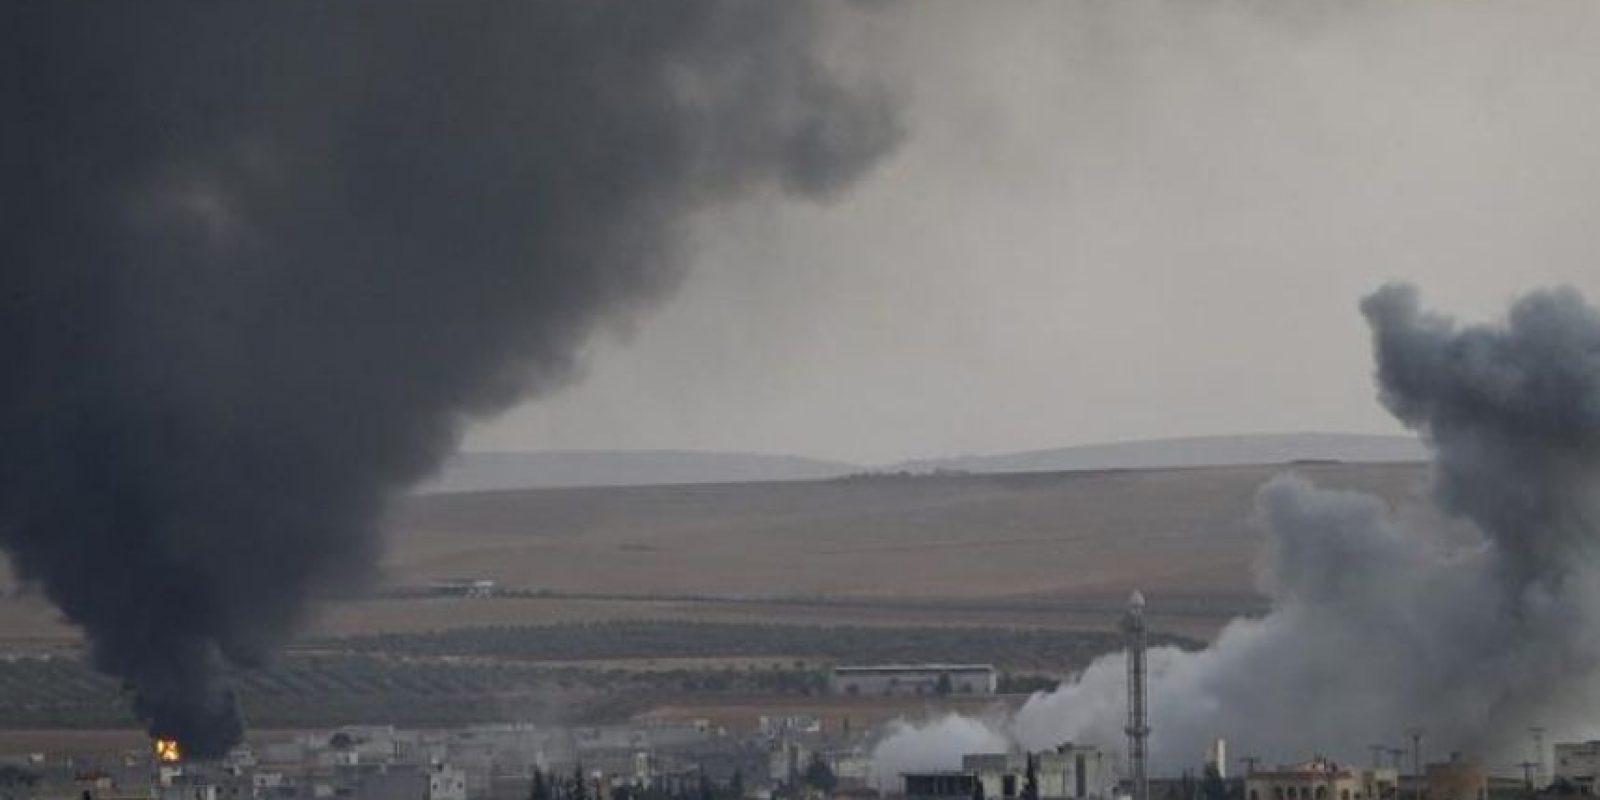 Imagen sacada desde territorio turco, específicamente en Sanliurfa, Turquía, hoy, que muestra el humo causado por un ataque de la aviación aliada ante fuerzas del Estado Islámico en la localidad de Kobani, Siria. EFE